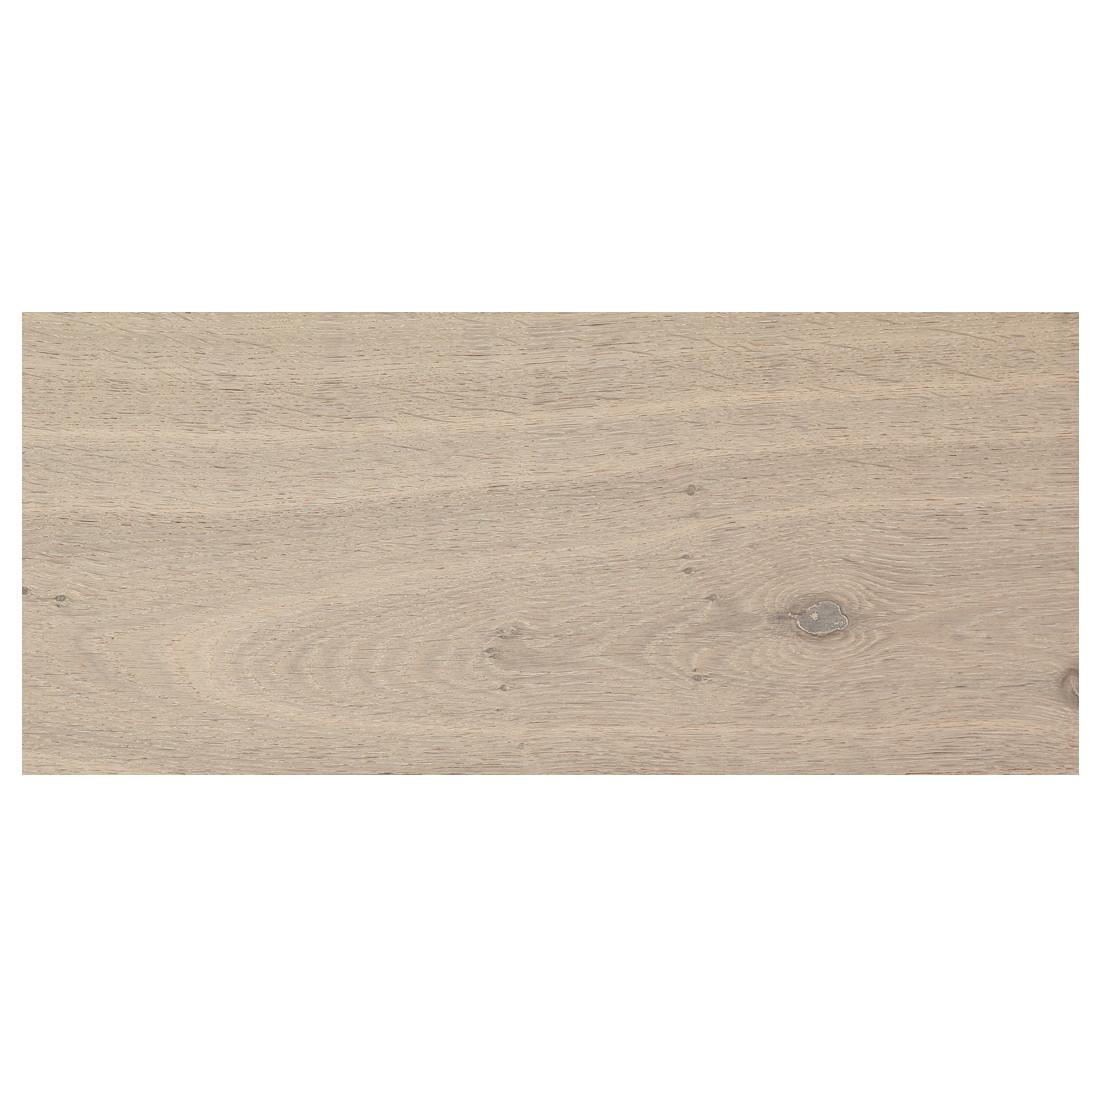 European Oak - New Jersey - Wide Board